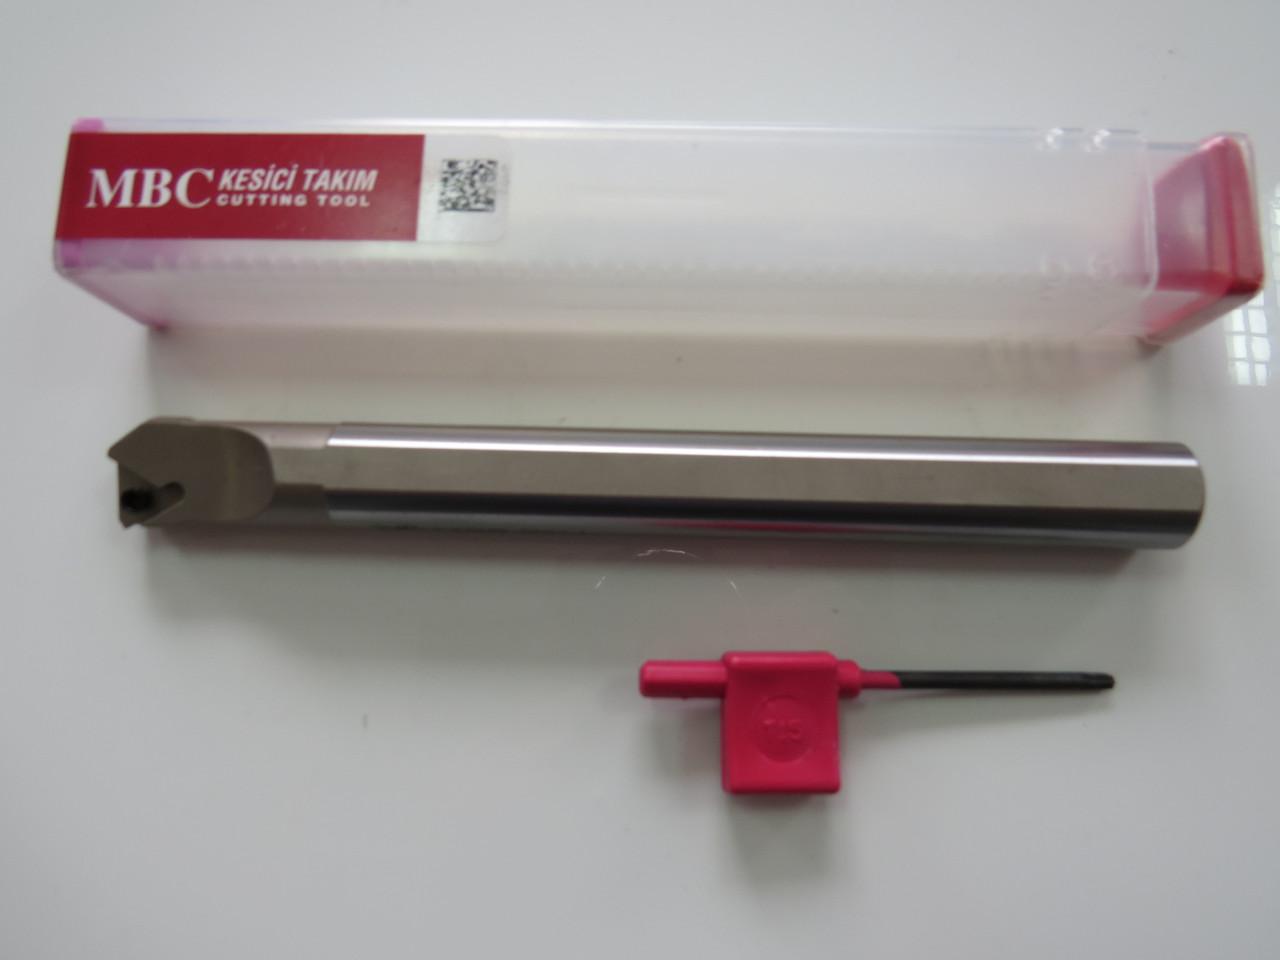 Резец резьбовой для внутренней резьбы с механическим креплением S20R SIR16 MBC